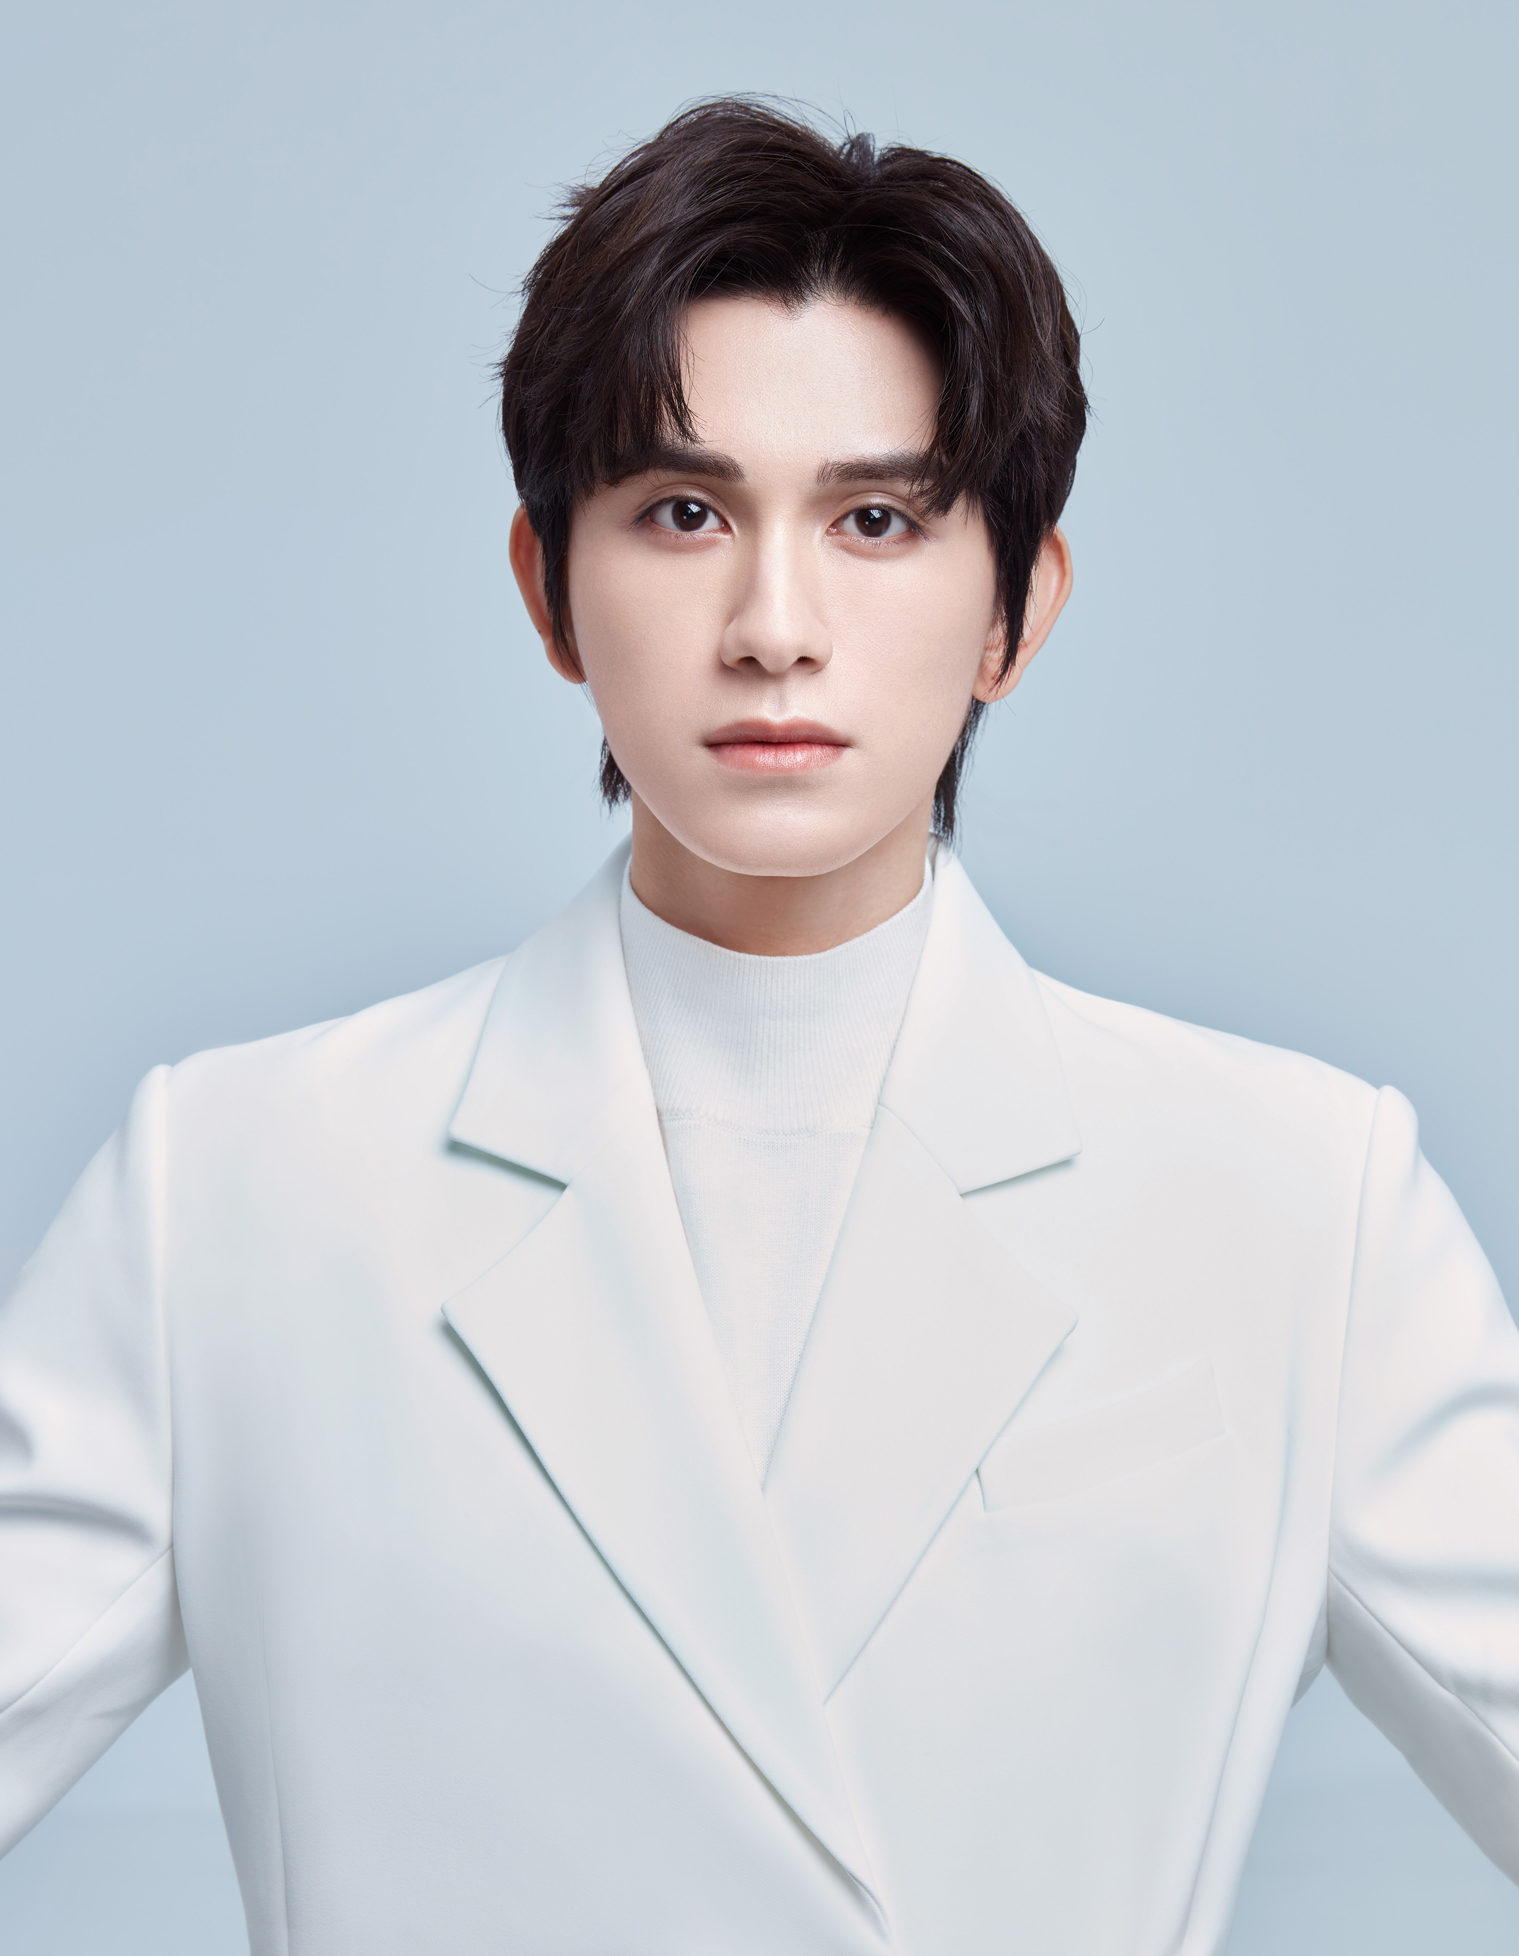 朱赞锦主演《武林有骄气》正式开机 白色西装写真尽显儒雅气质